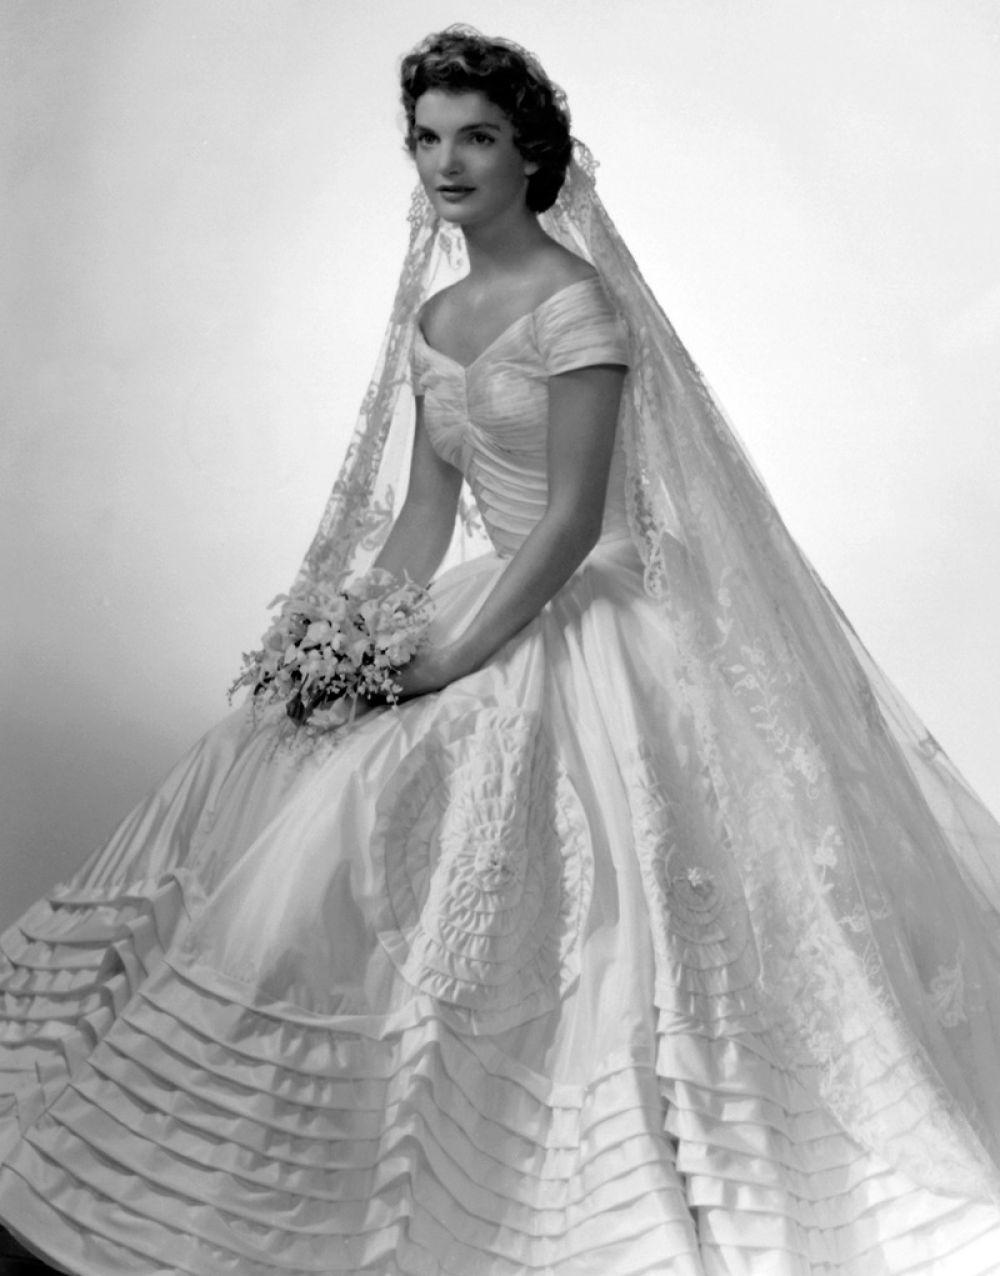 """Свадьба была выдержана в английском стиле, а медовый месяц влюбленные провели в Акапулько. Эти 30 """"медовых"""" дней Жаклин впоследствии вспоминала как самое счастливое время, поскольку счастливая семейная жизнь с Джоном Ф. Кеннеди закончилась довольно быстро."""